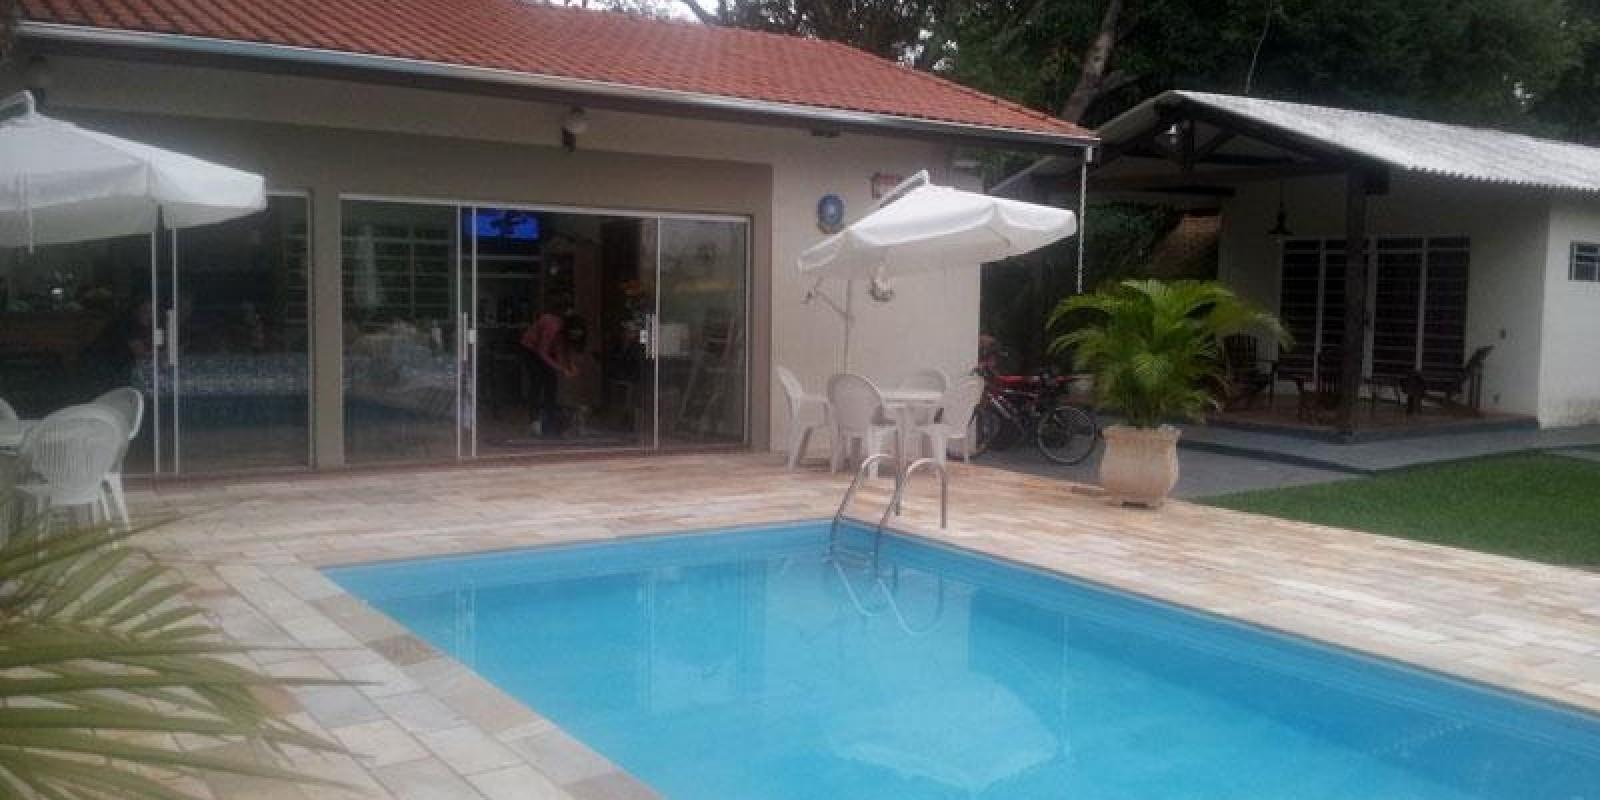 Casa na Represa Costa Azul em Avaré SP - Foto 10 de 20